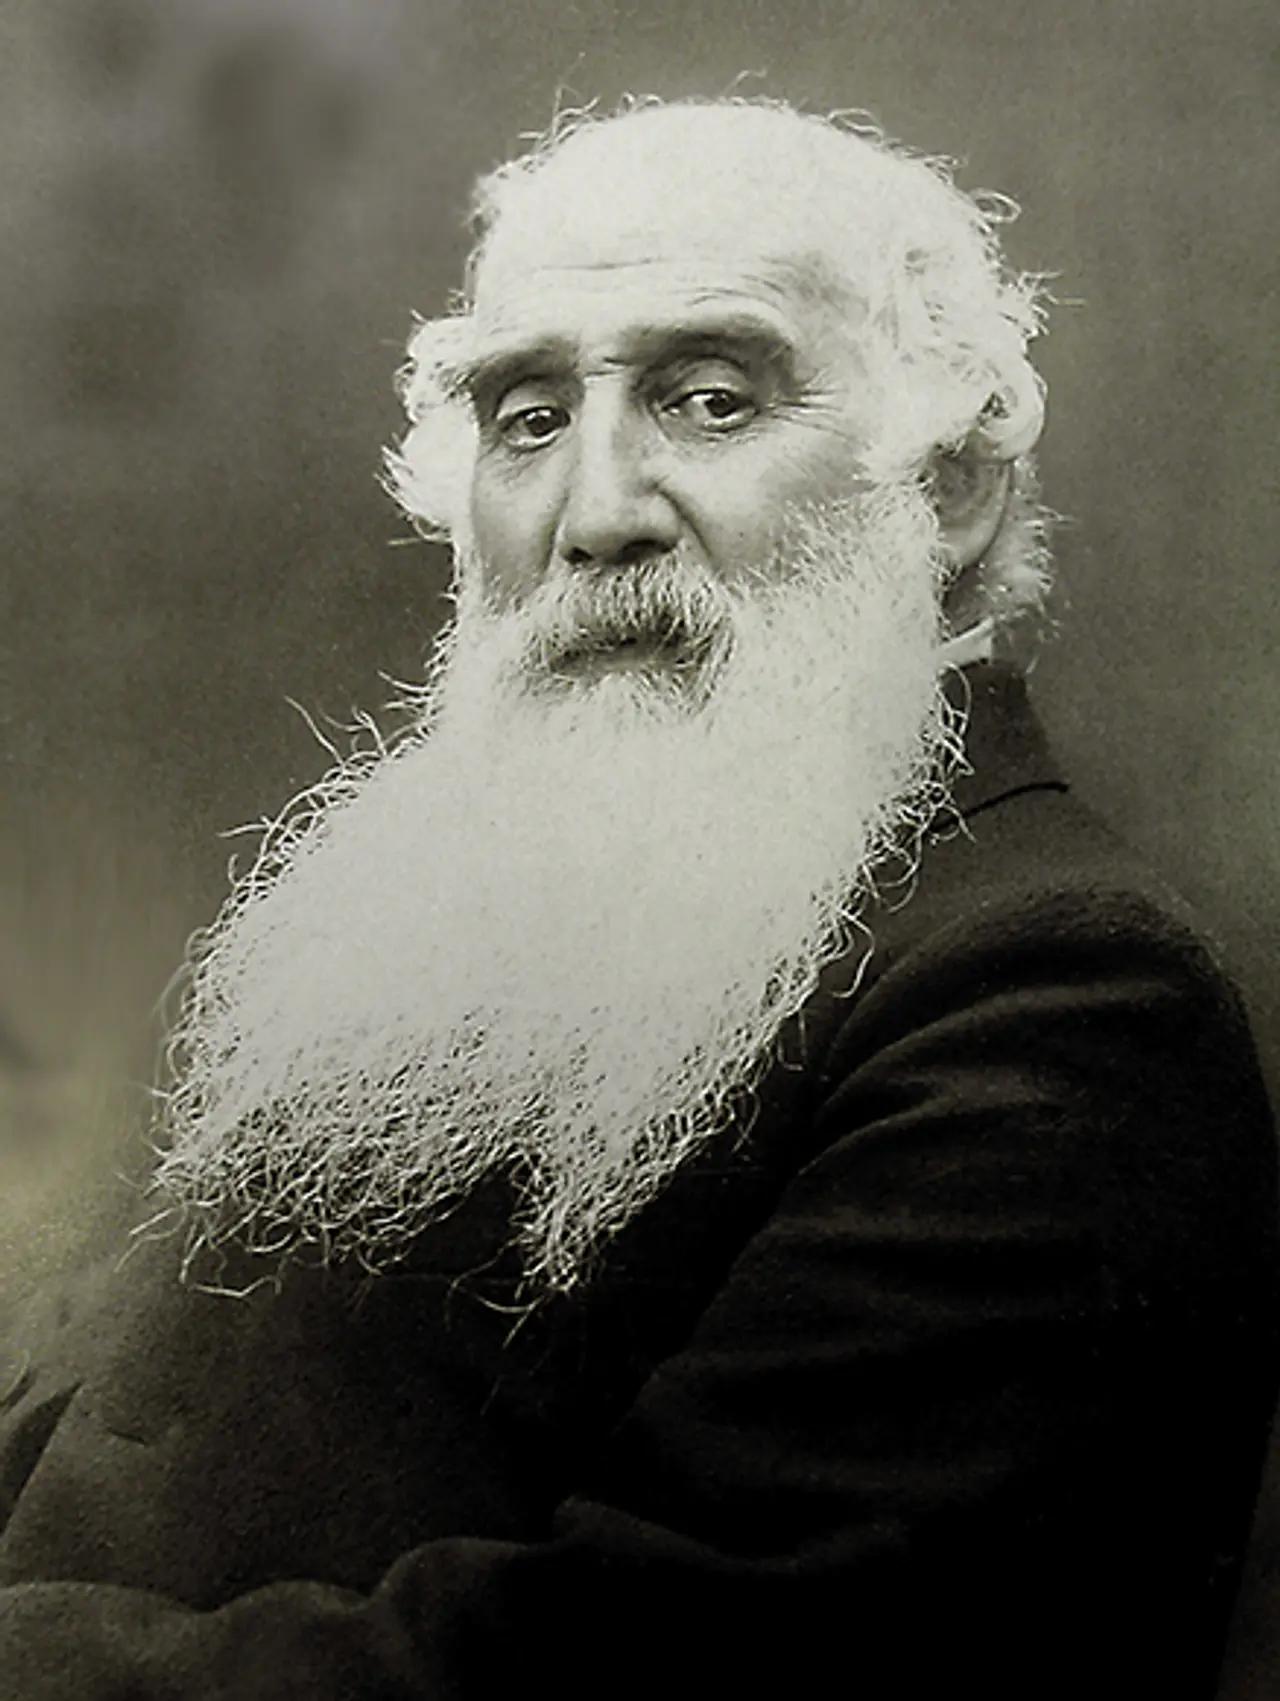 Камиль Писсарро, фото примерно 1900 года